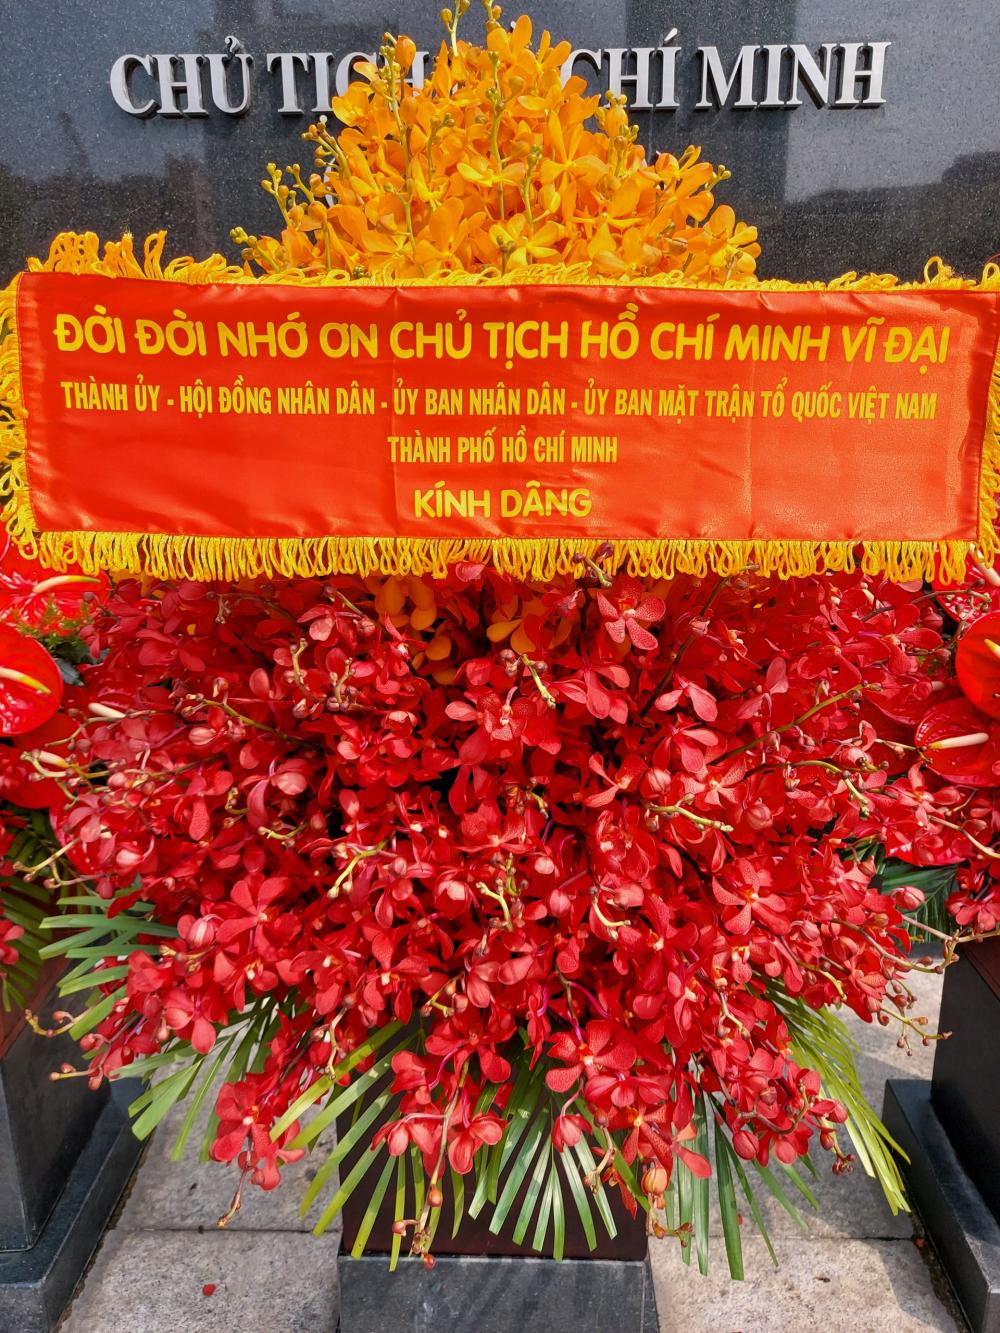 Lẵng hoa với dòng chữ Đời đời nhớ ơn Chủ tịch Hồ Chí Minh thể hiện tấm lòng của Đảng bộ và nhân dân TPHCM với Bác.